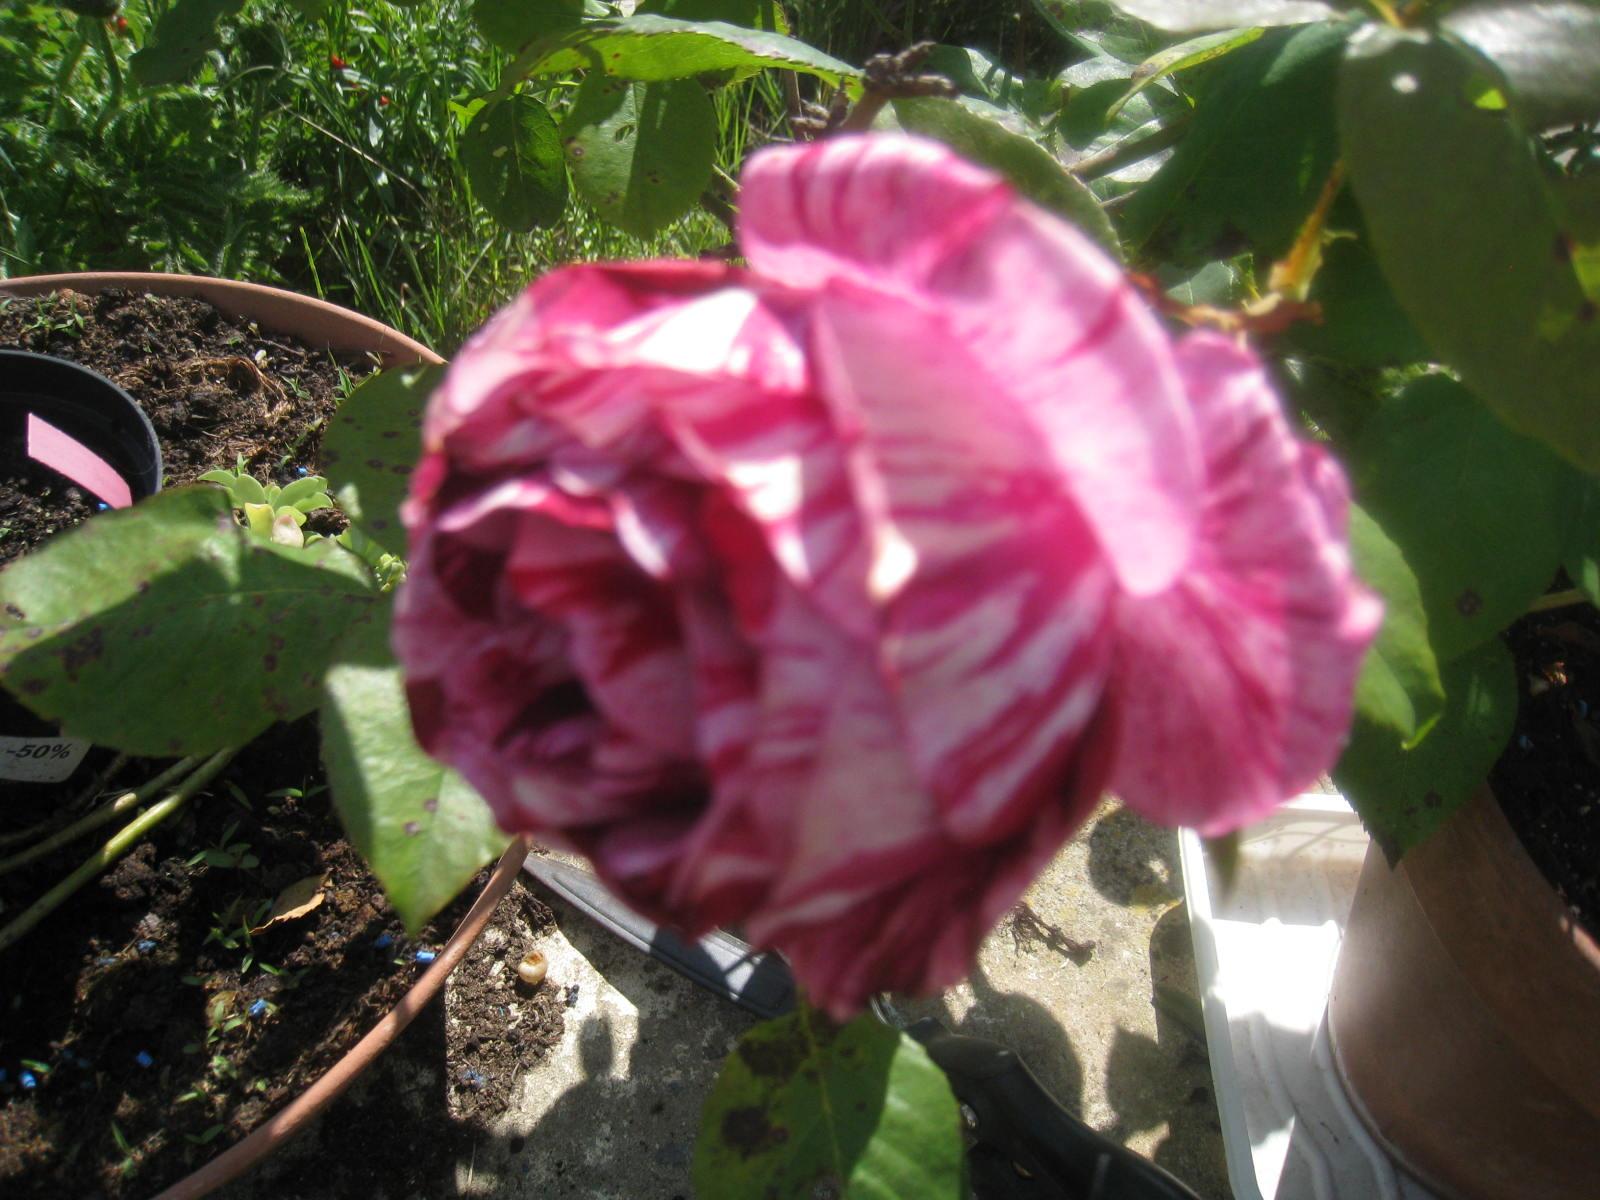 en fleurs chez moi - Page 2 276418008